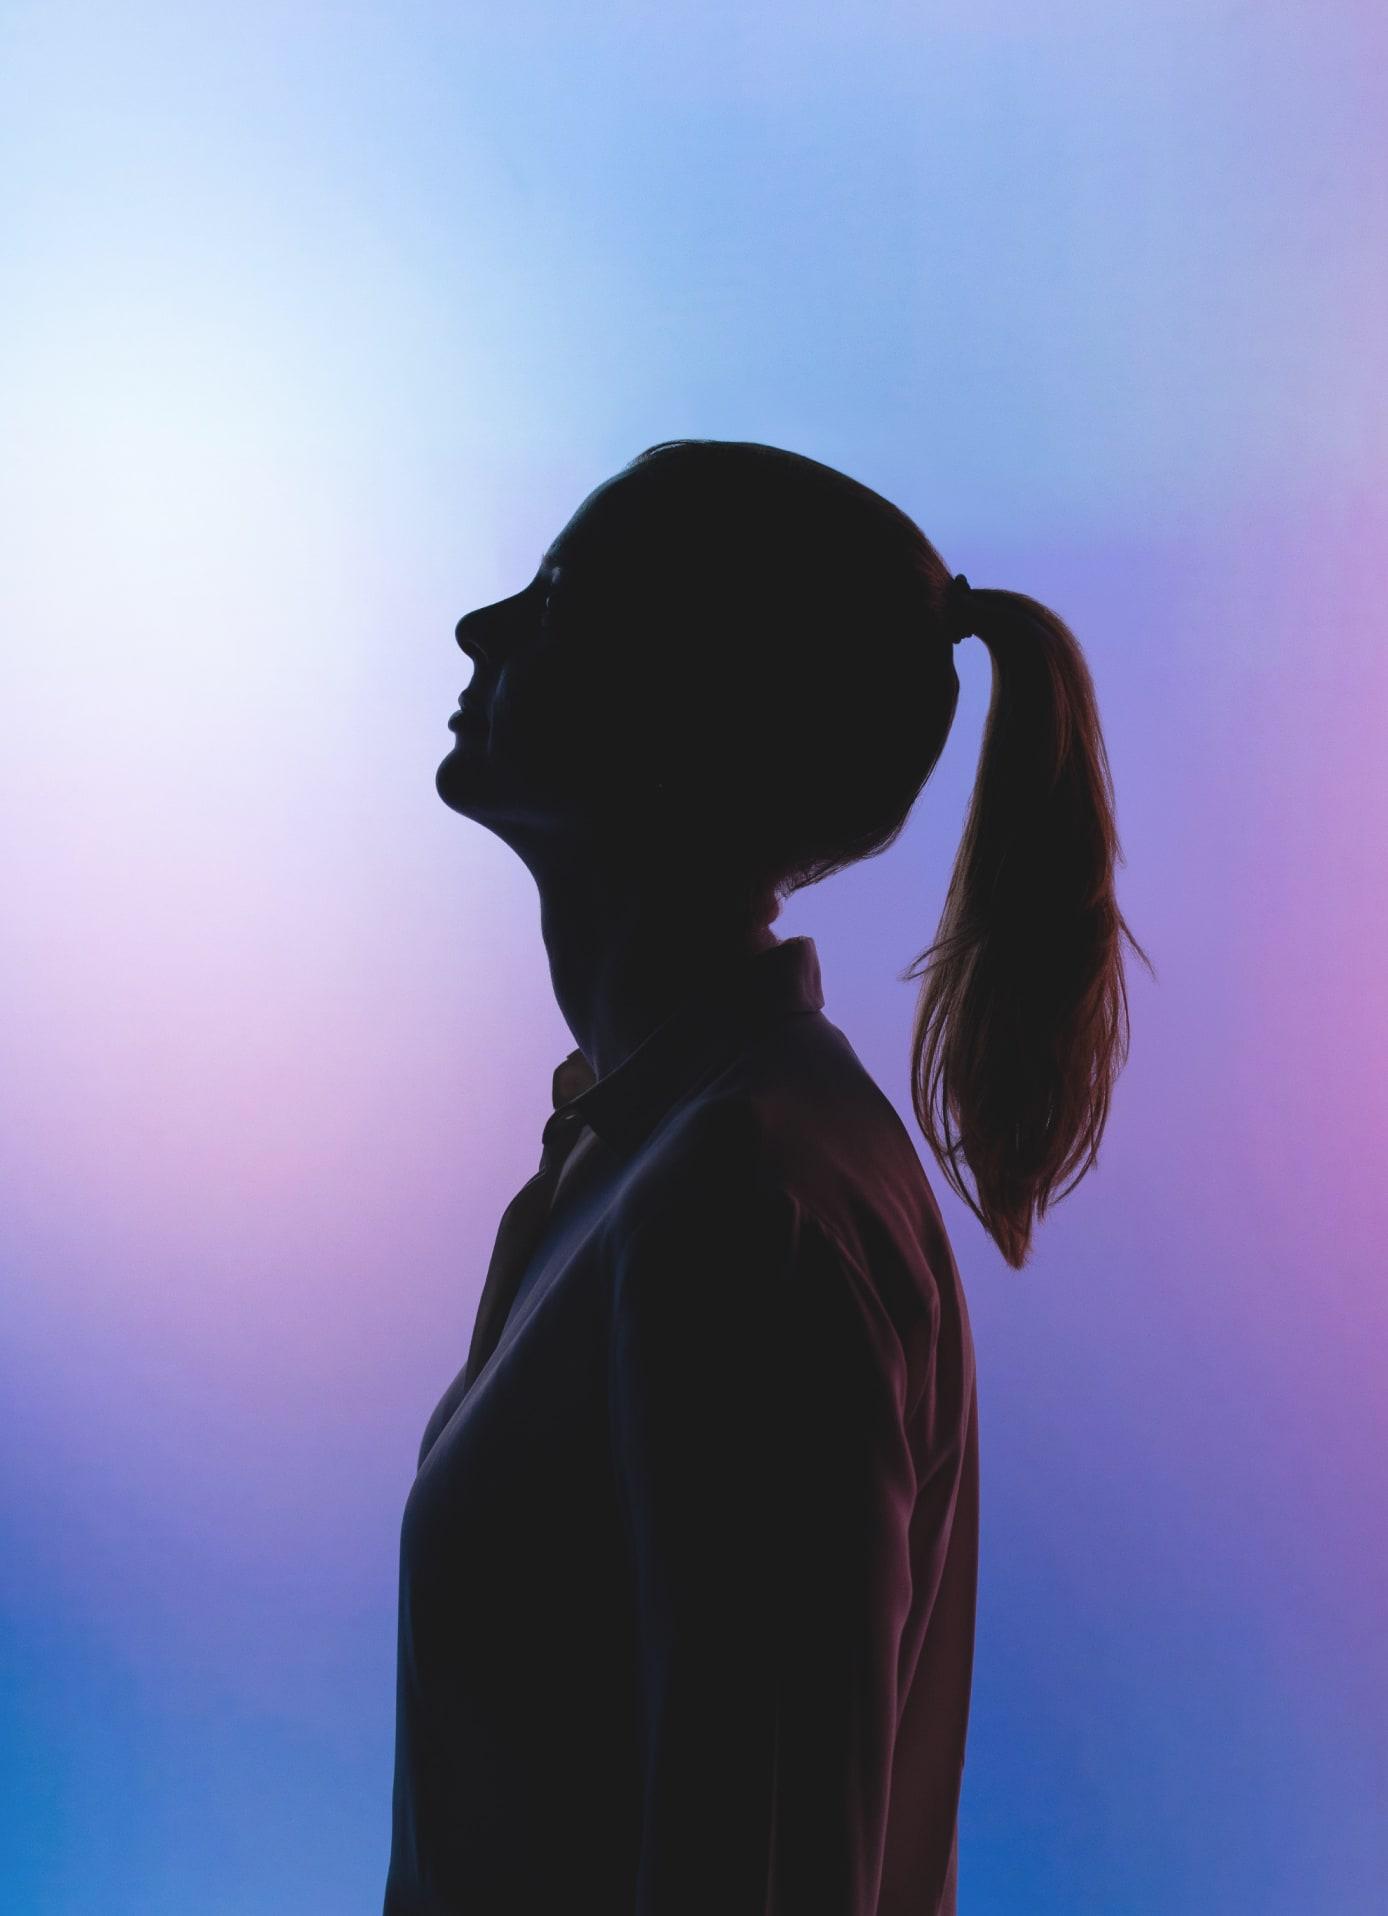 Silueta de una mujer en negro con un fondo de degradado